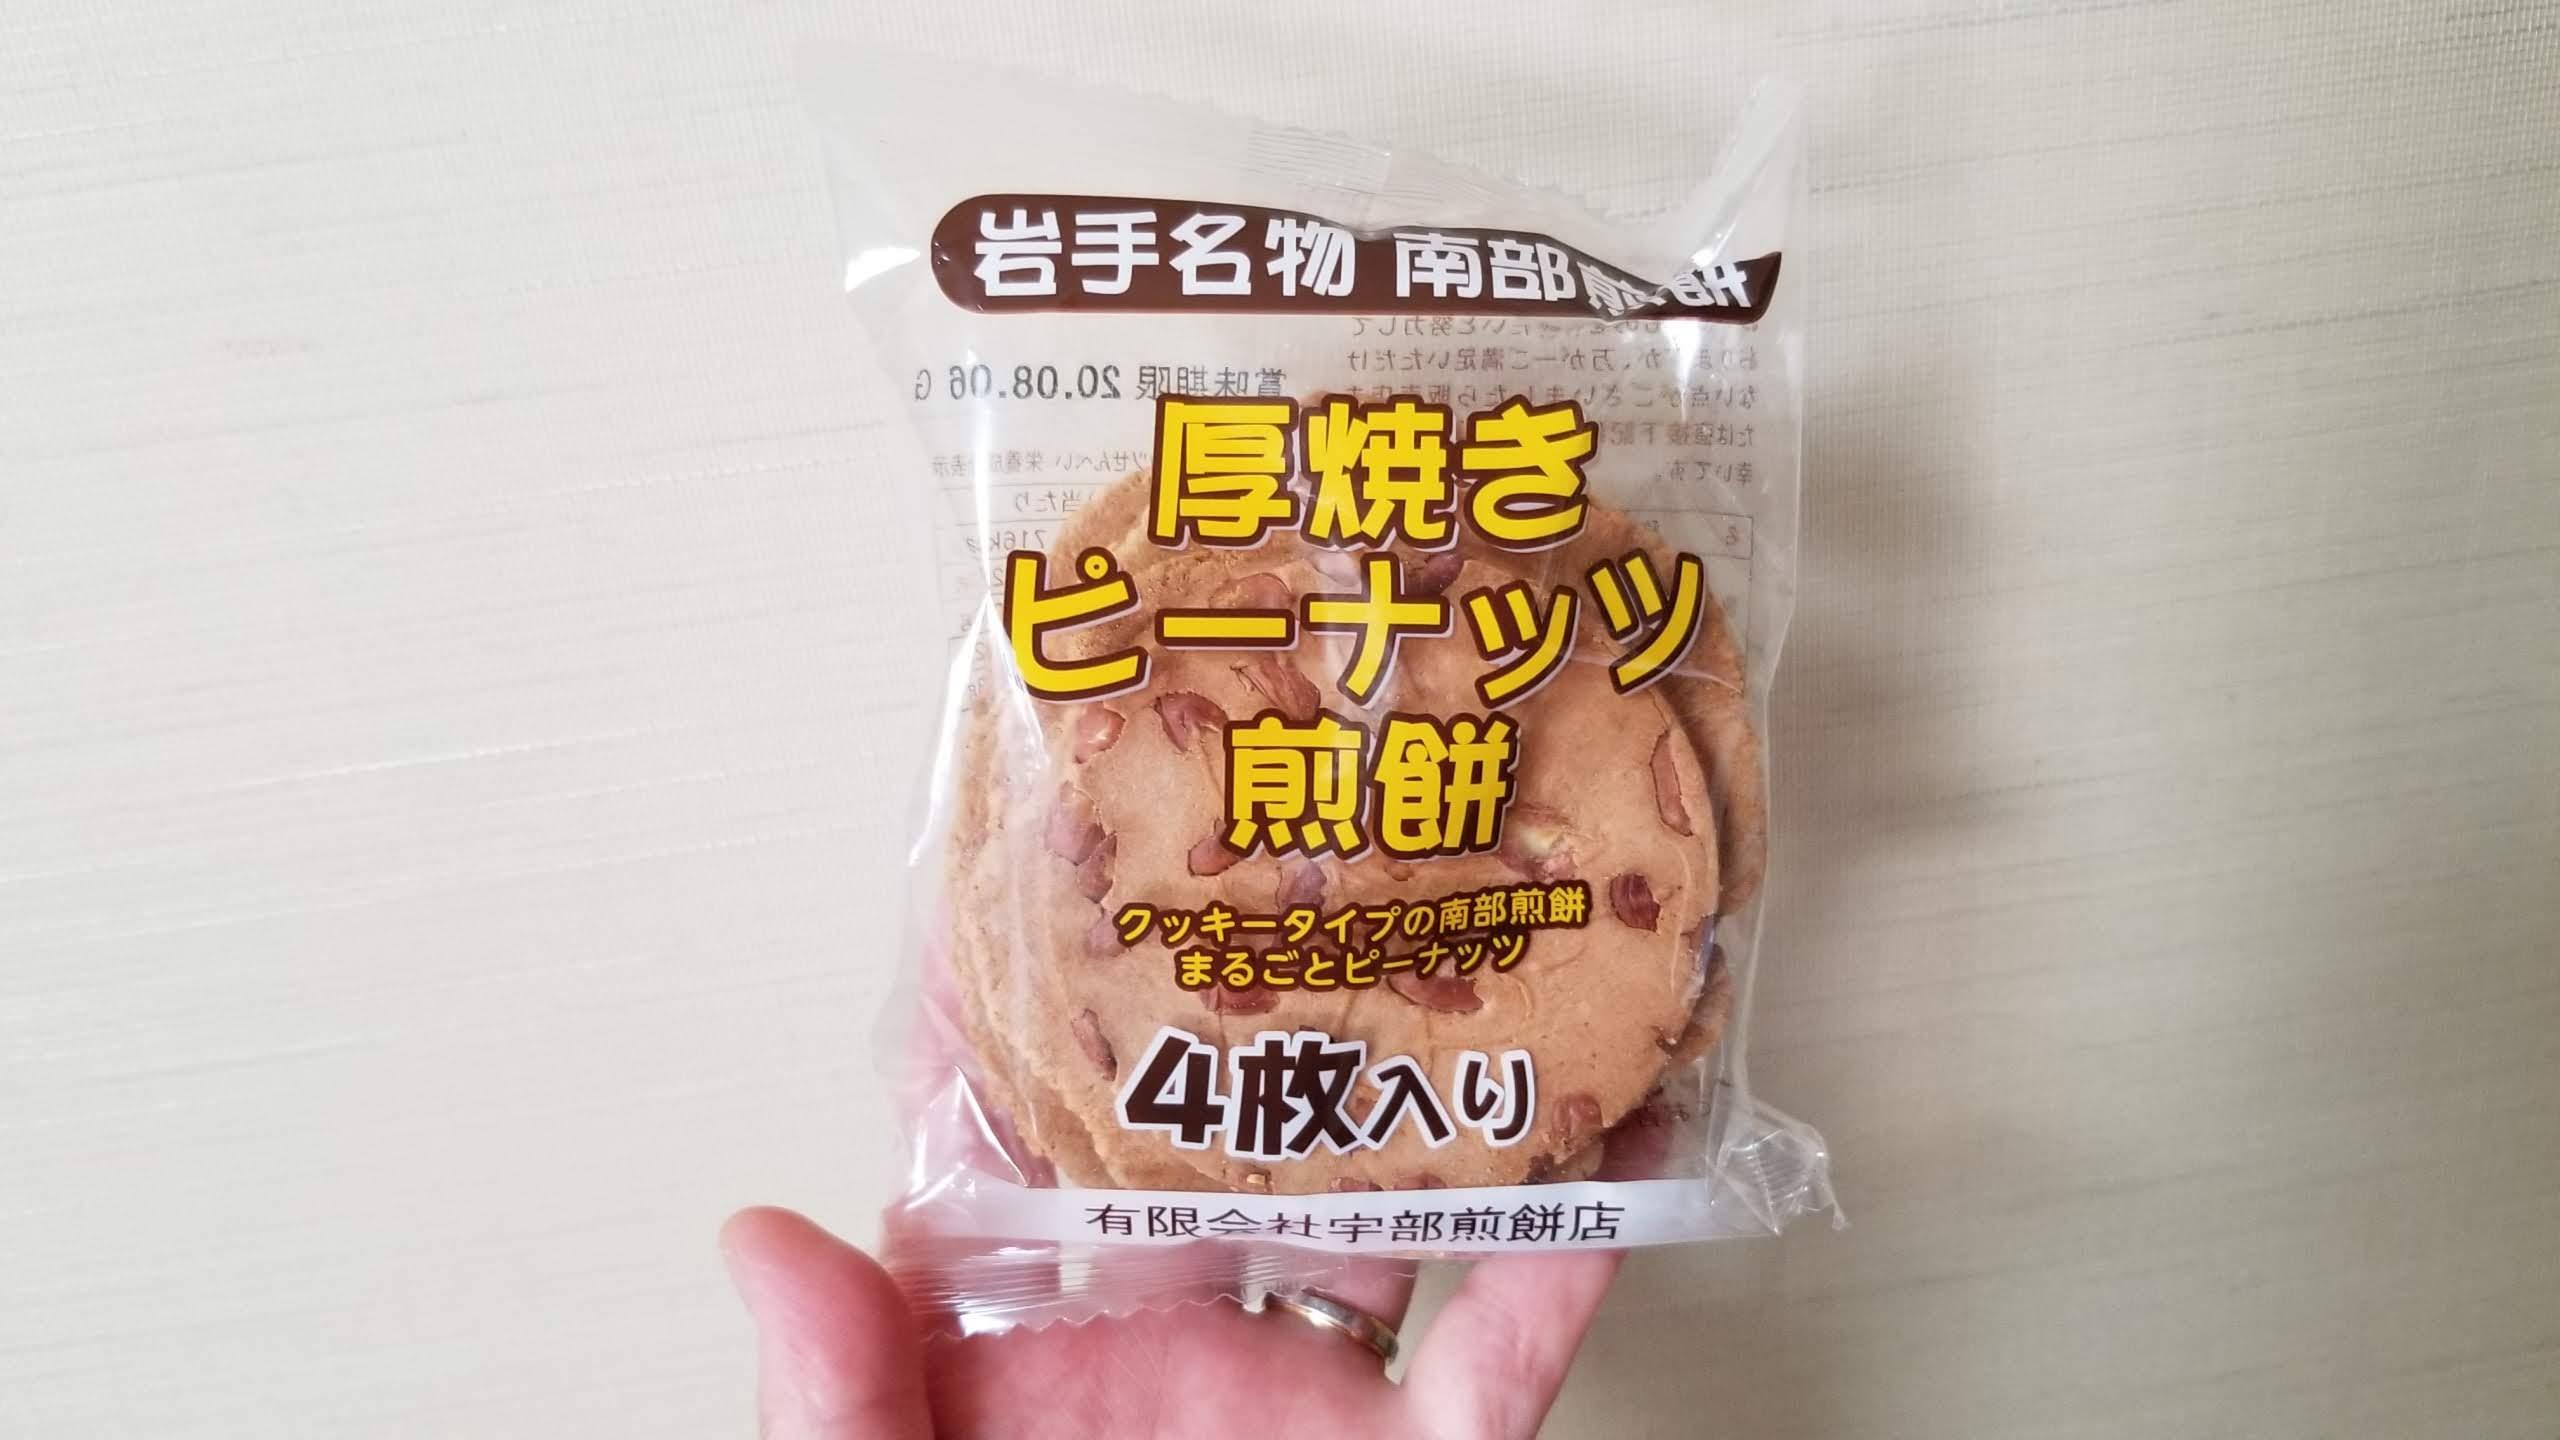 岩手名物南部煎餅 厚焼きピーナッツ煎餅(4枚入り)/宇部煎餅店_20200525_123557